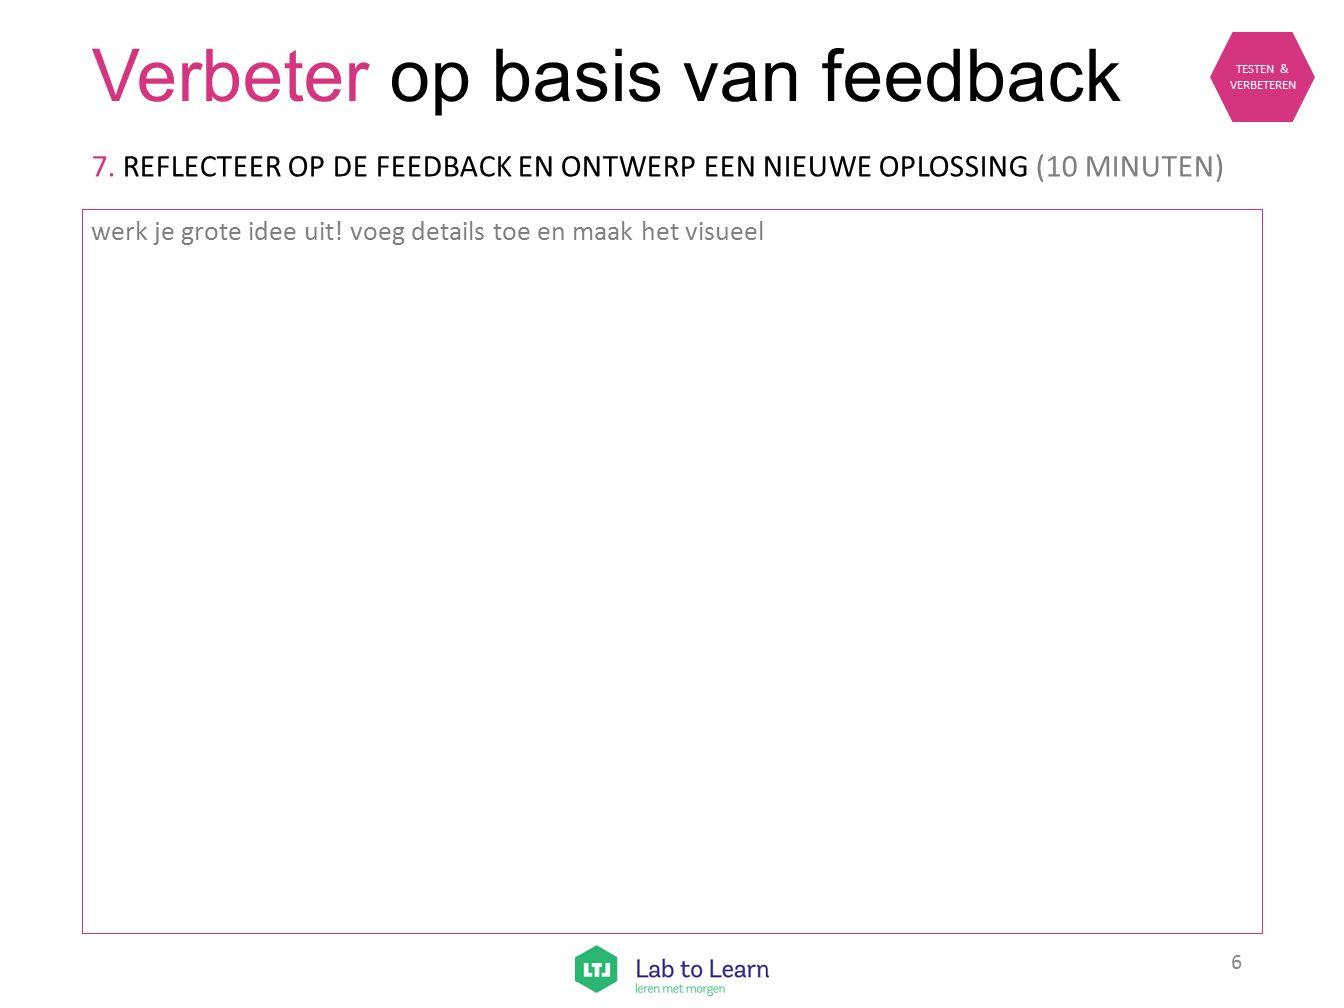 Verbeter op basis van feedback werk je grote idee uit! voeg details toe en maak het visueel 7. REFLECTEER OP DE FEEDBACK EN ONTWERP EEN NIEUWE OPLOSSI